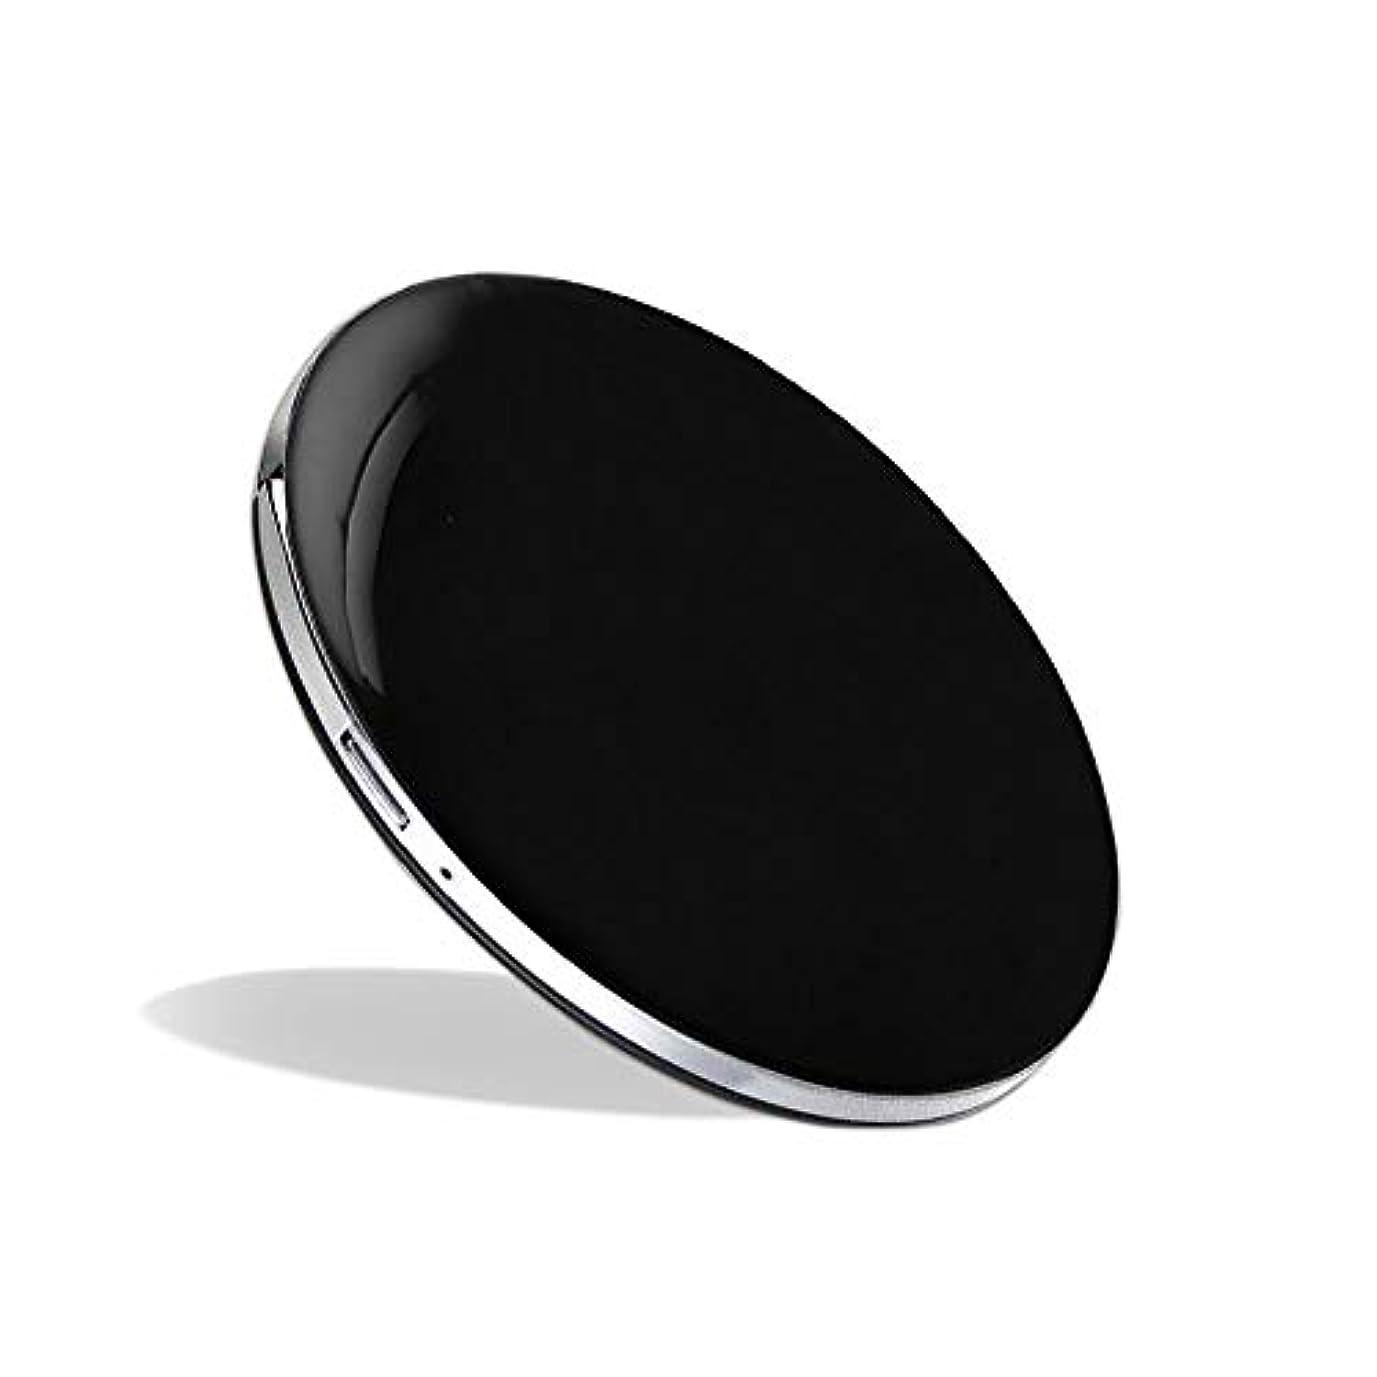 里親腐食する大人化粧鏡 LEDミラー コンパクトミラー ハンドミラー 円形ミラー 折りたたみ式 持ち運び便利 usb充電 軽量 3倍拡大鏡 明るさ調節可能 (ブラック)